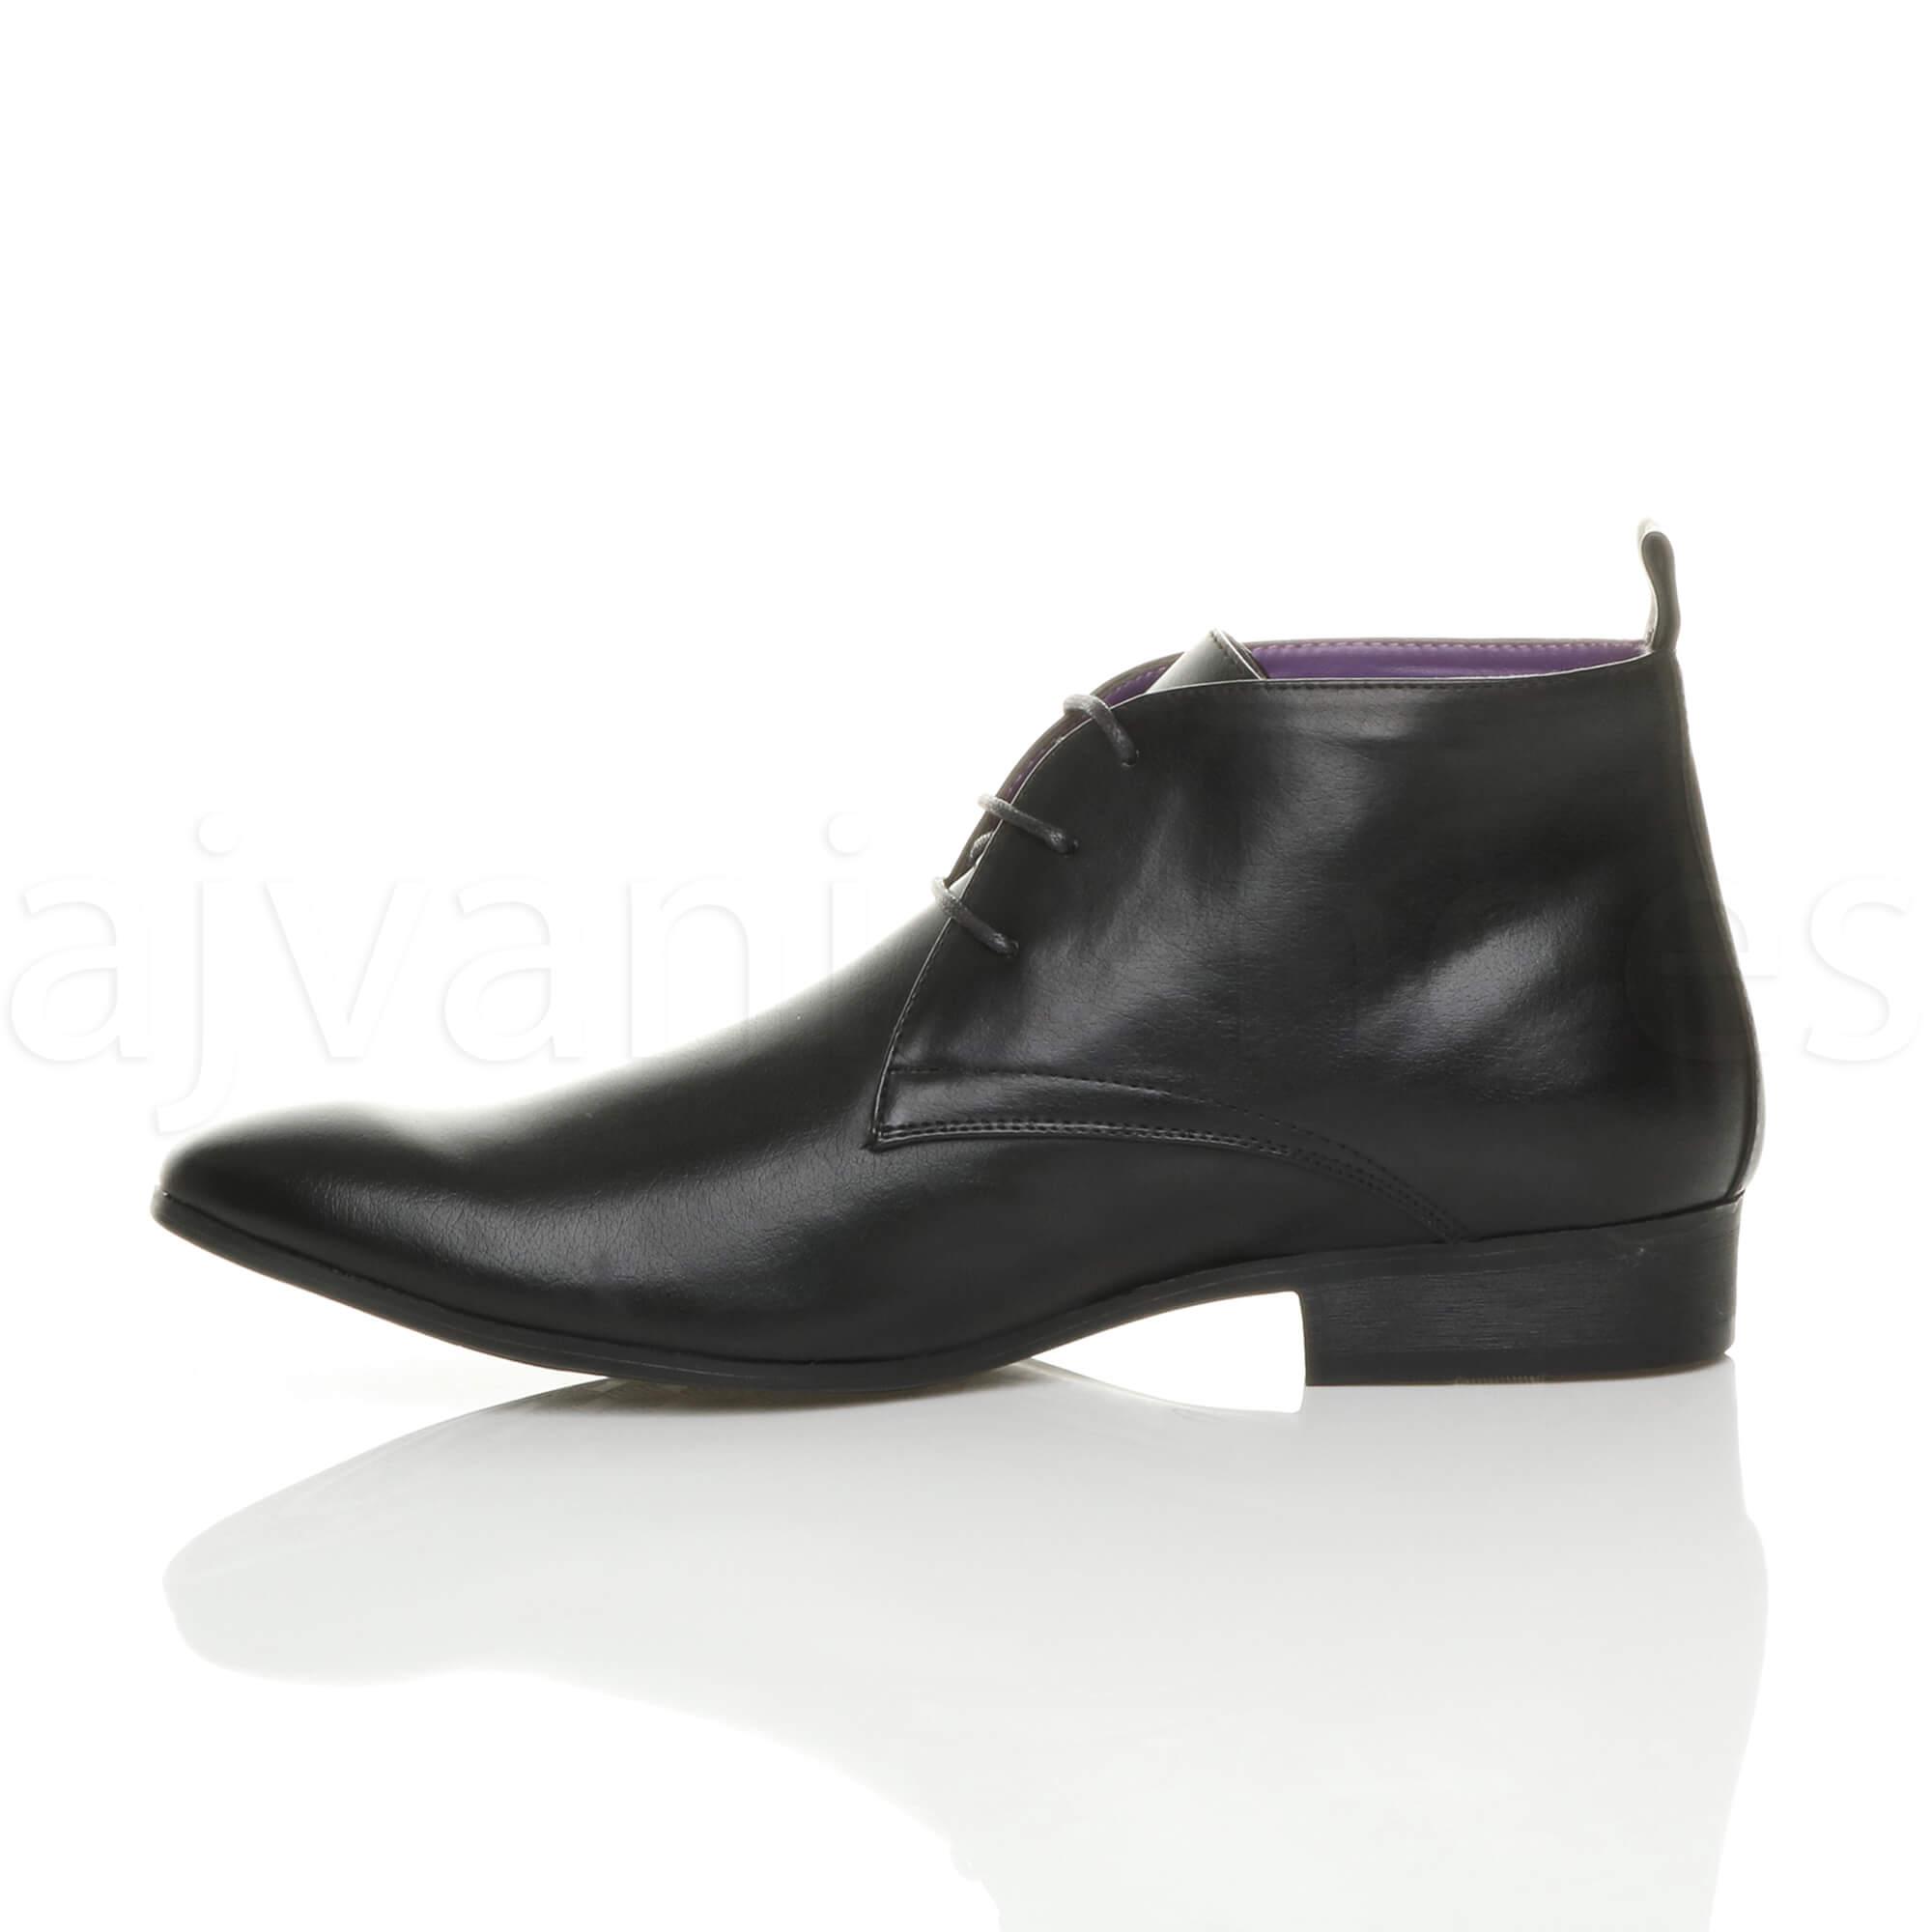 Herren Klein Absatz Schnüren Formal Arbeit Schuhe Stiefeletten Größe 8 42 8lvgP